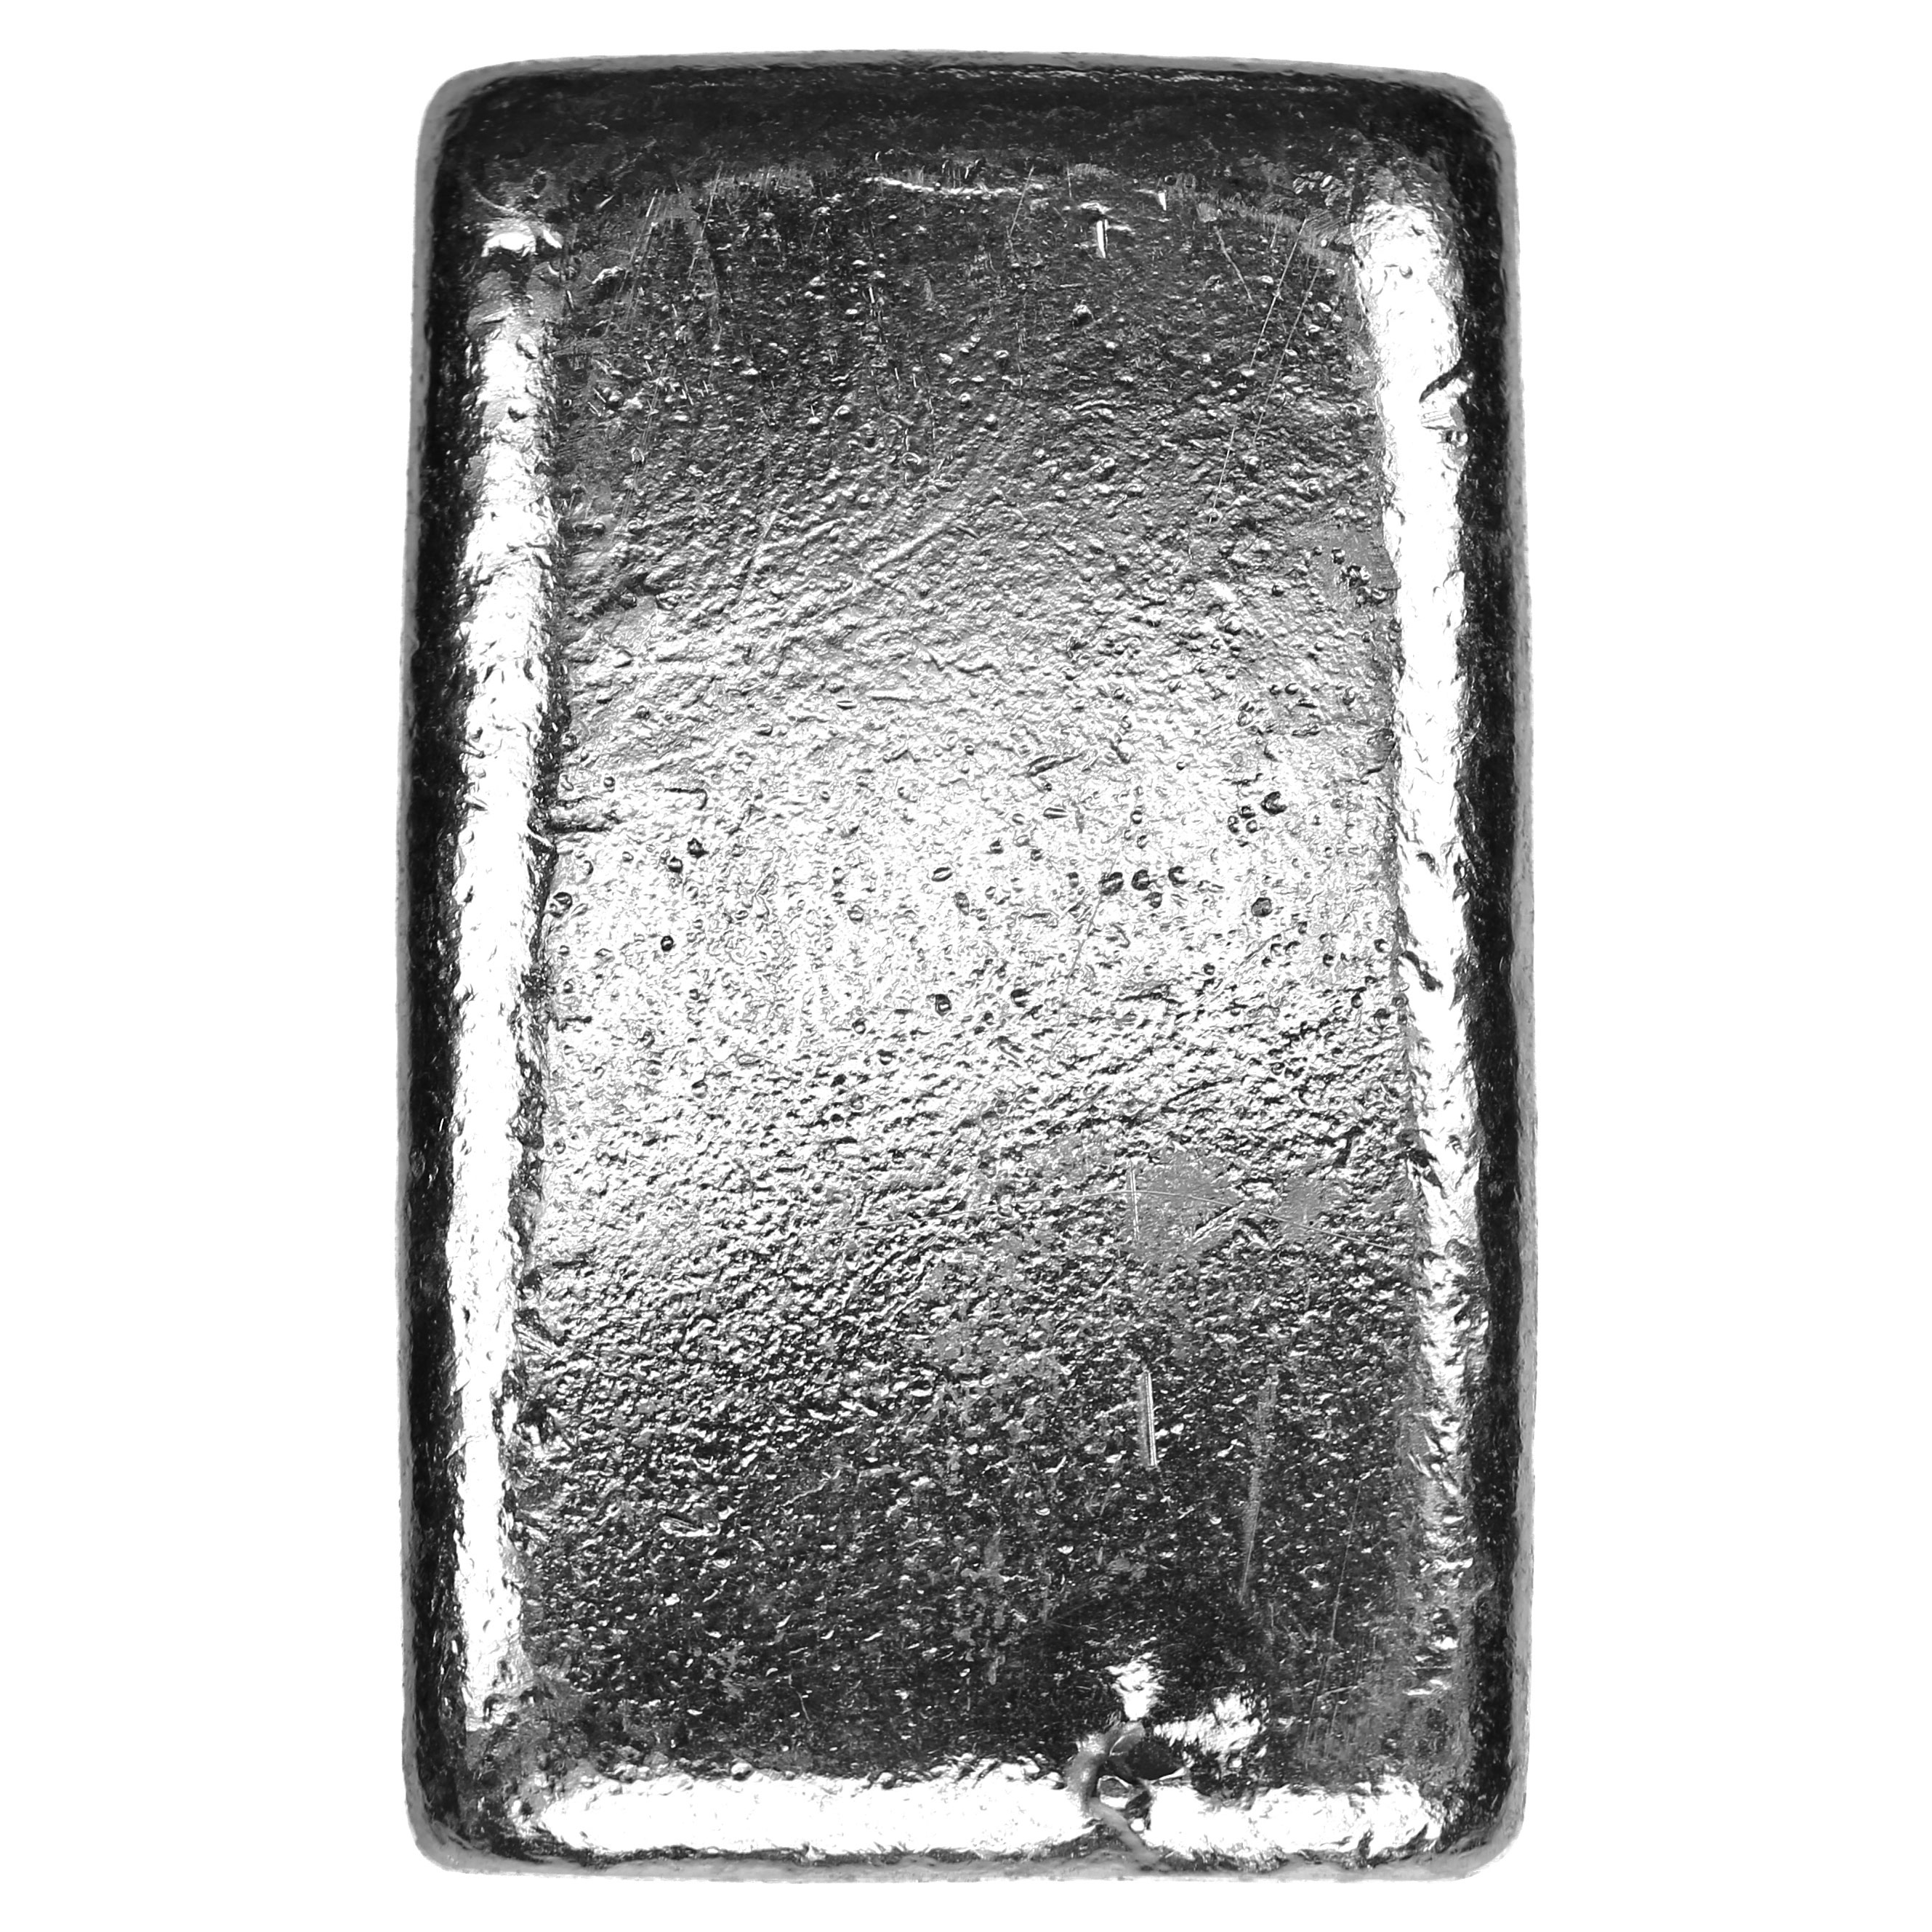 Buy 3 Oz Monarch Precious Metals Poured Silver Bars